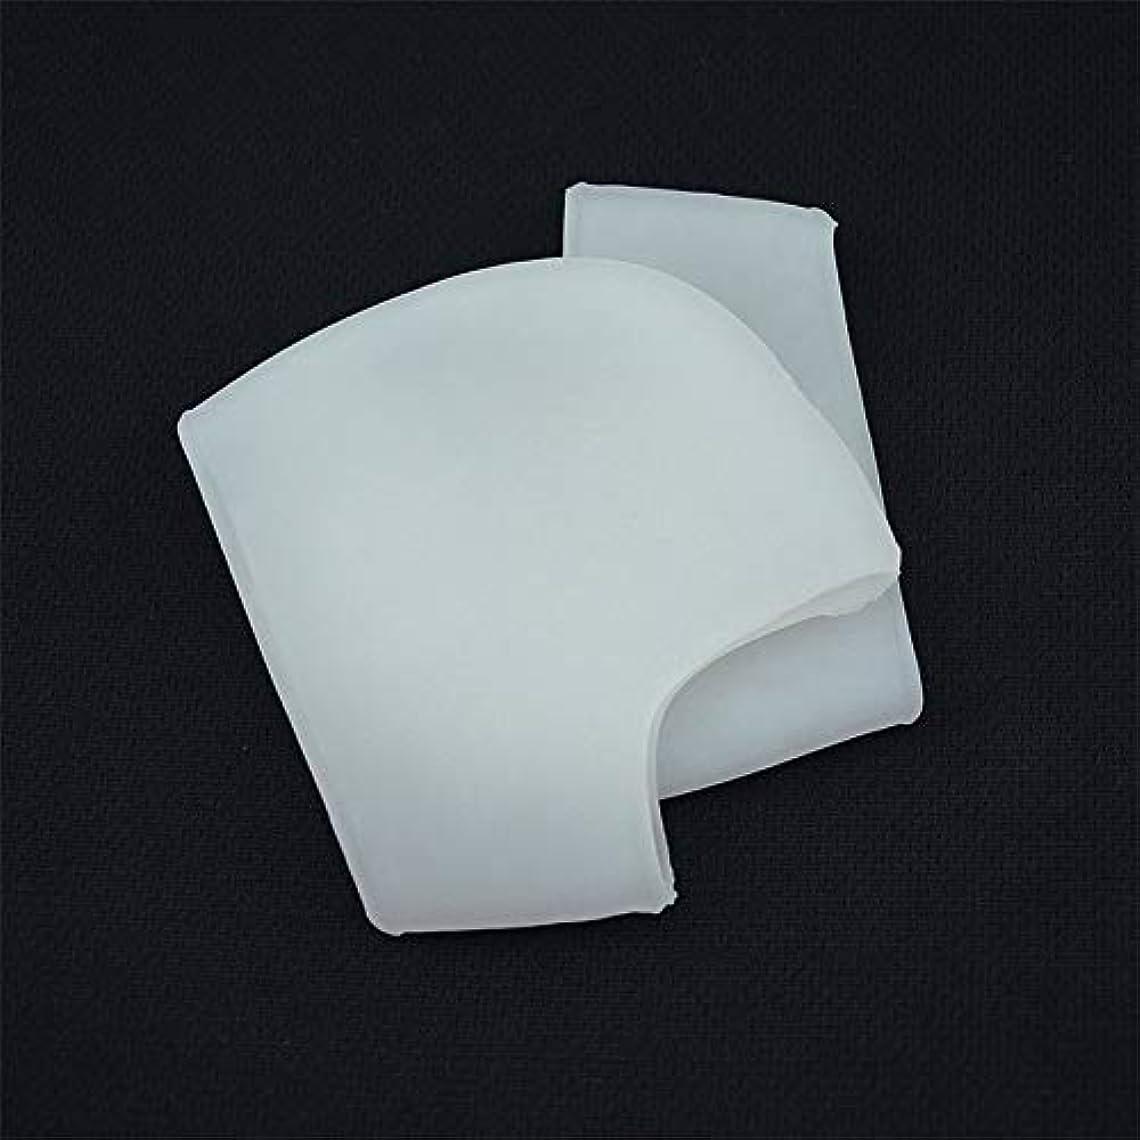 マントル菊釈義シリコンヒールアンチクラッキング保護靴下男性と女性一般的なヒールスリーブ補正シリーズ穴なしスタイル-ミルキーホワイト